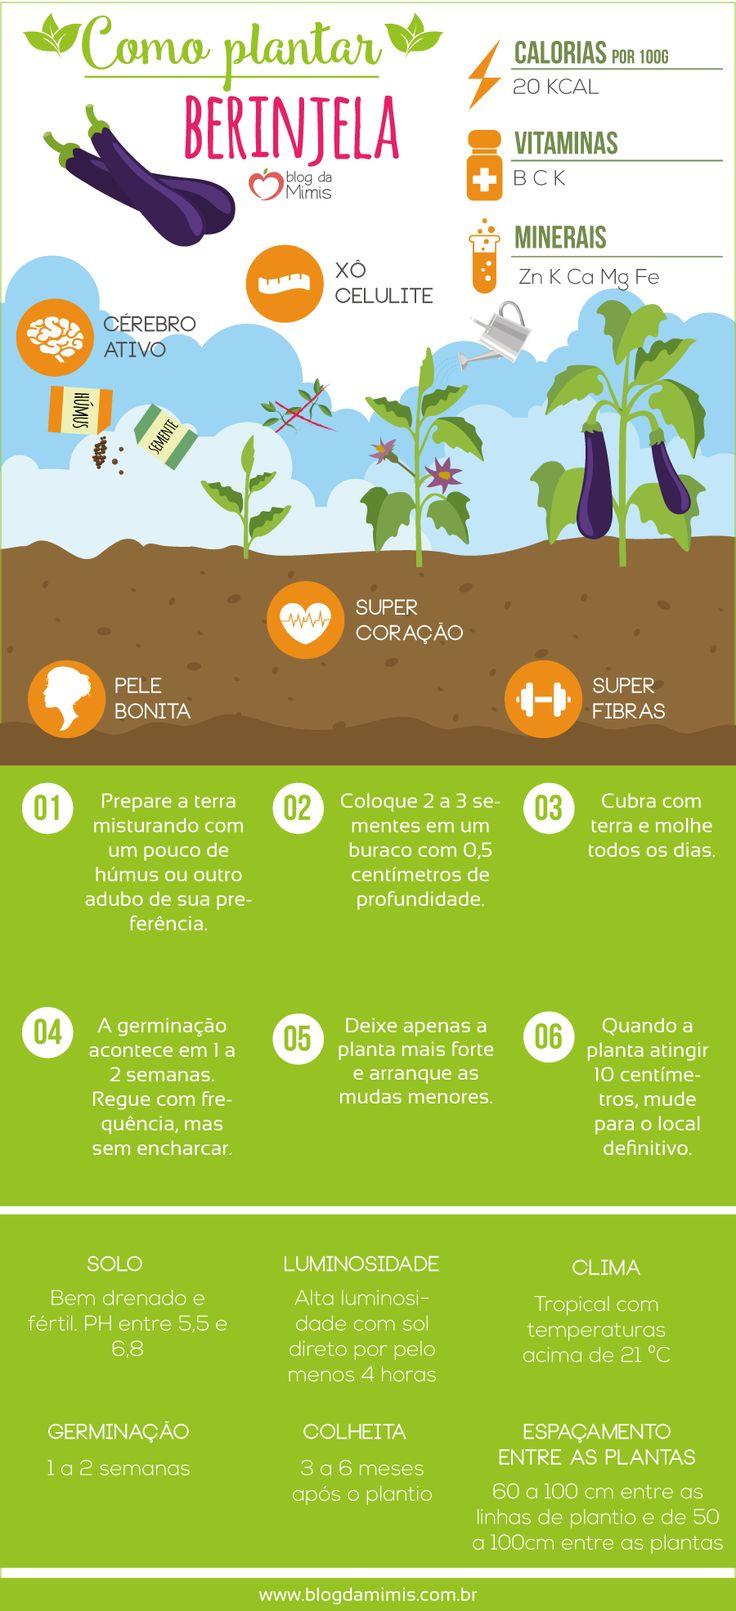 Como plantar berinjela: dicas e benefícios - Blog da Mimis #berinjela #horta #diet #benefícios #plantação #quintal